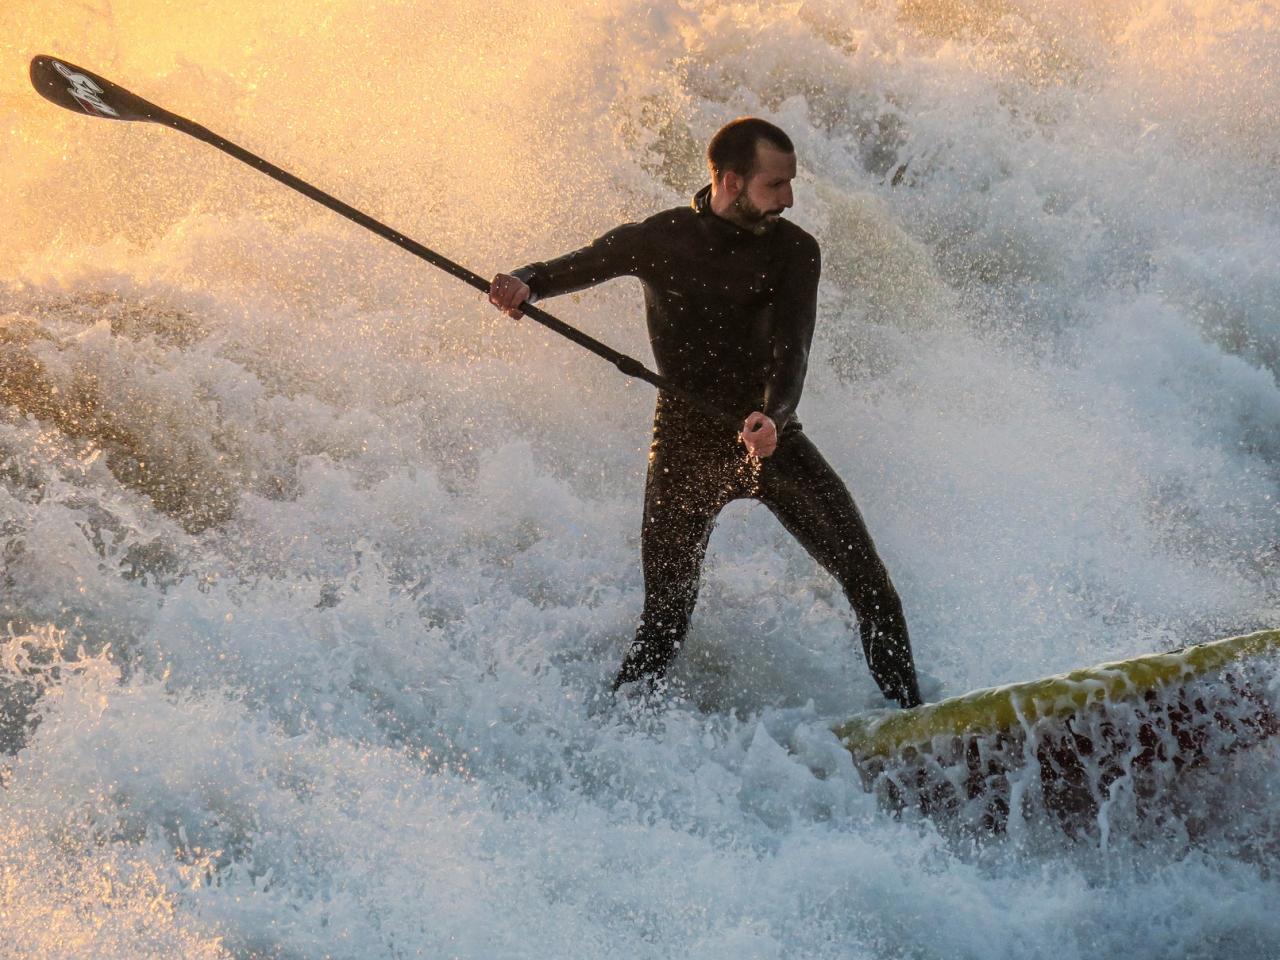 En las olas - 1280x960